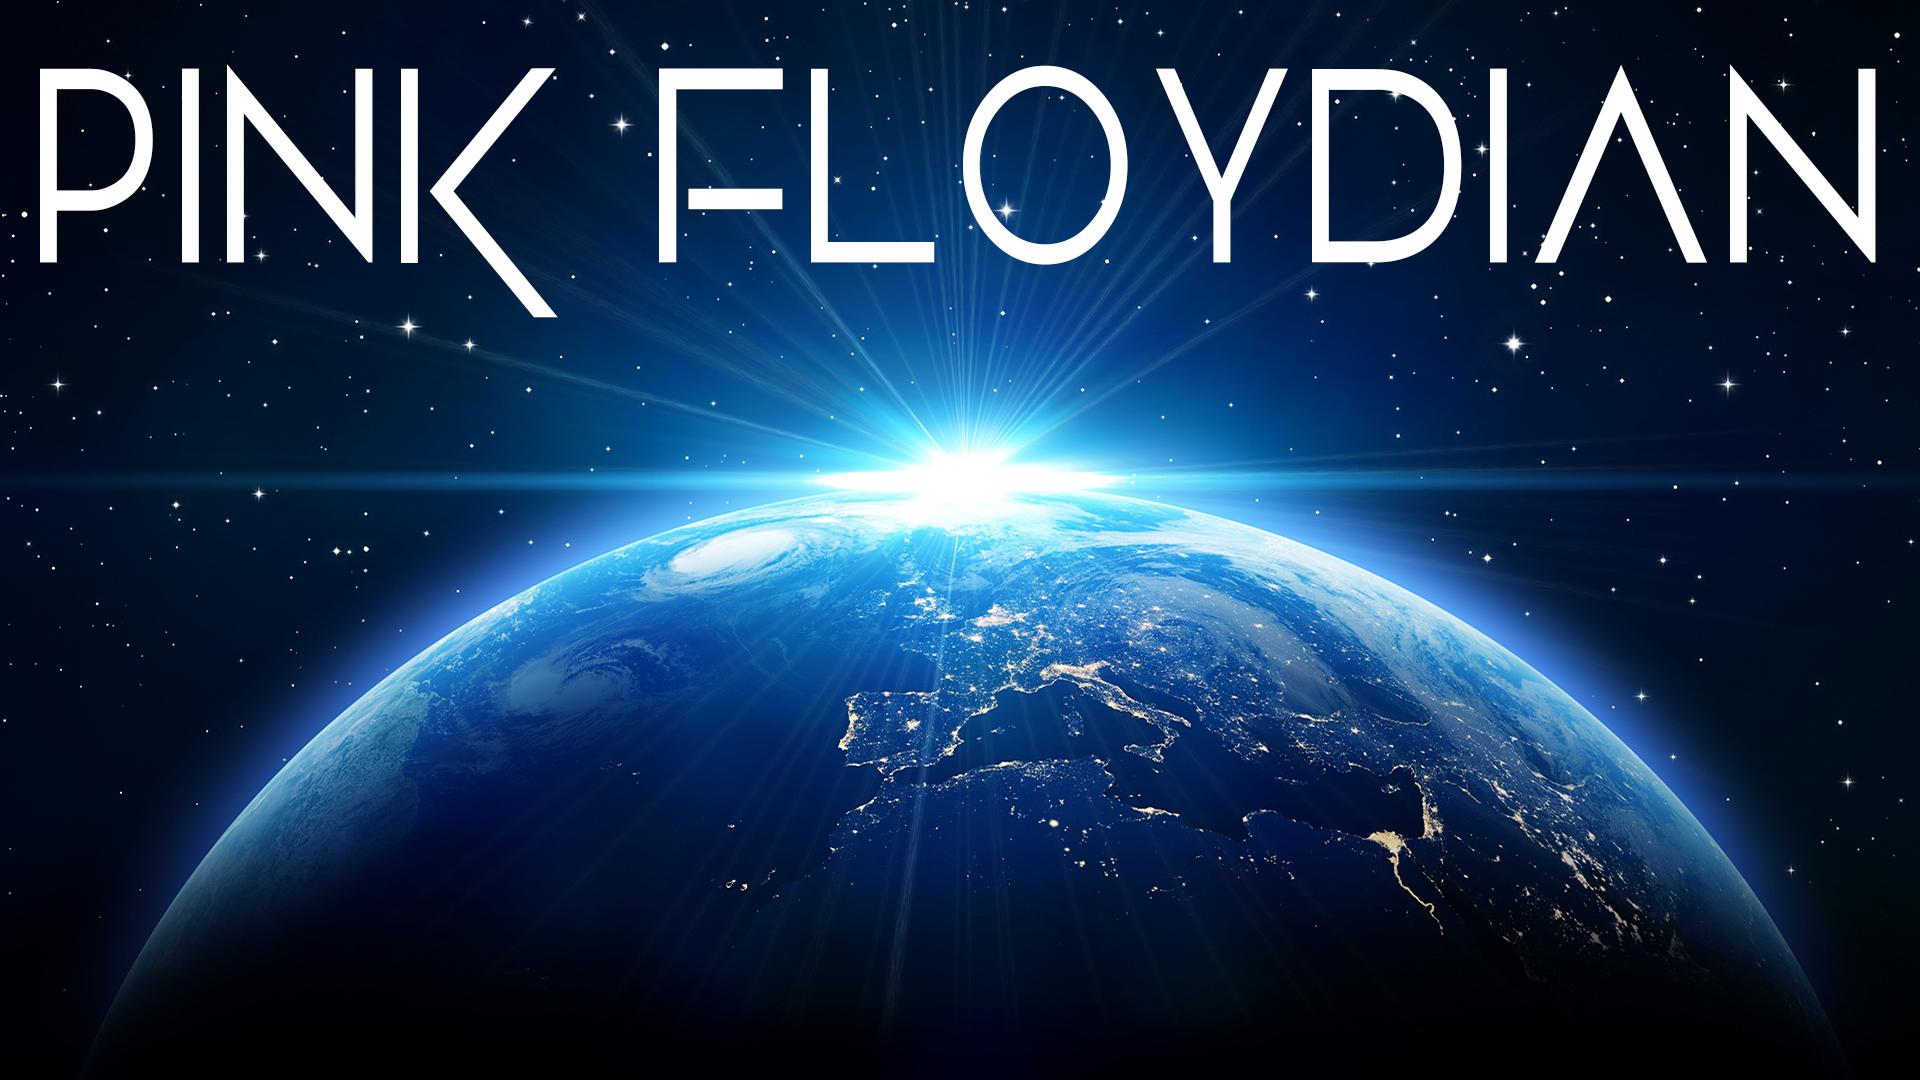 Pink Floydian new logo